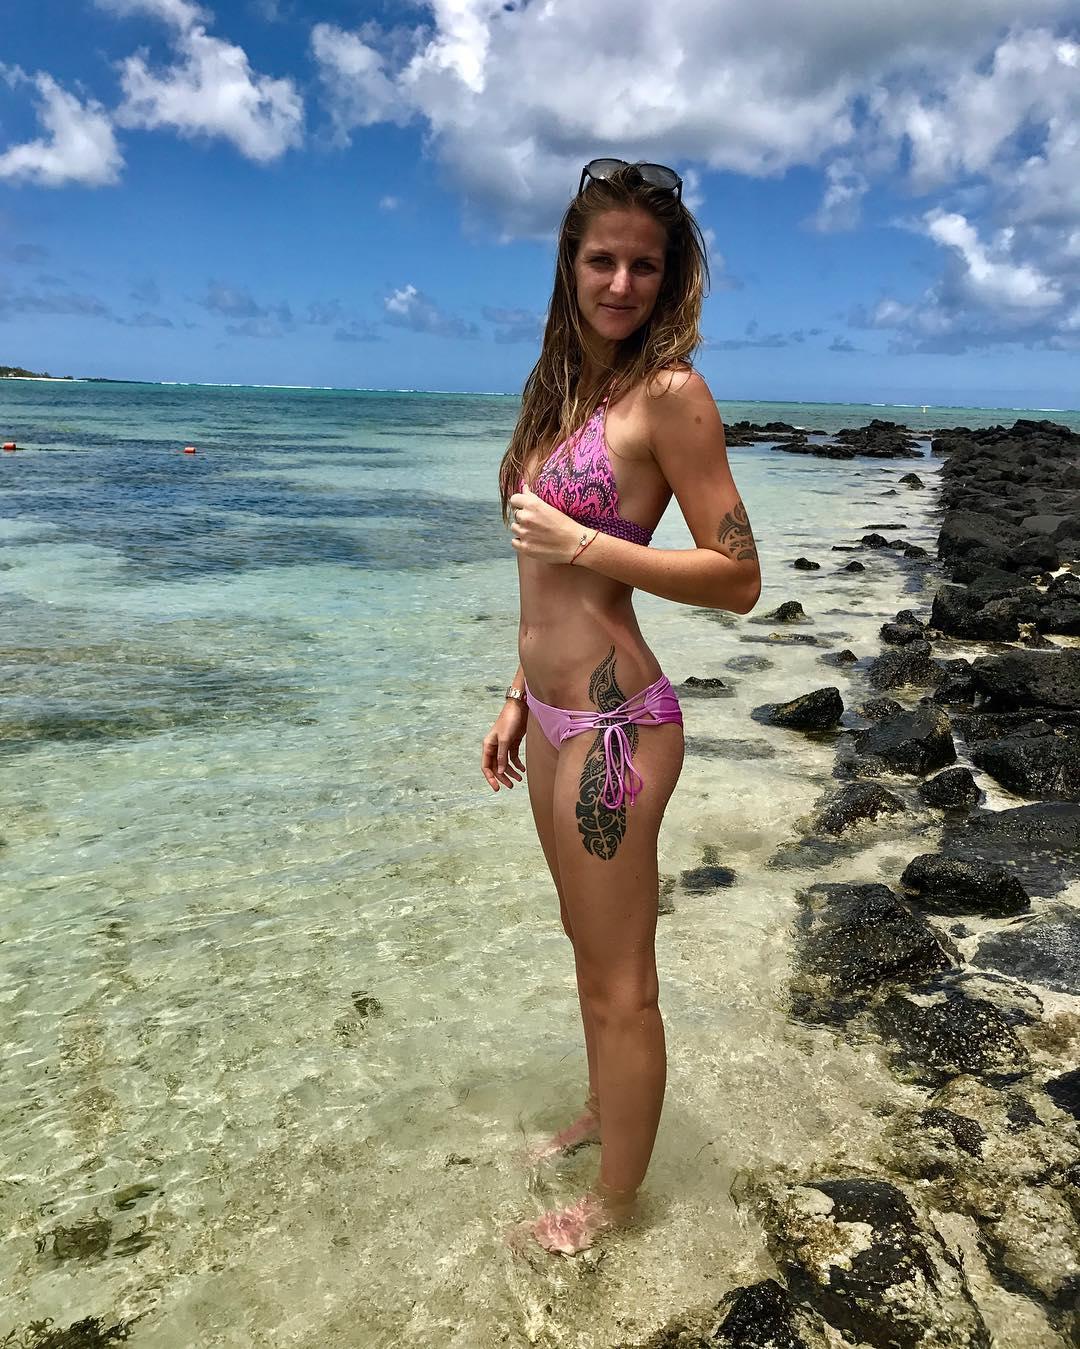 Каролина Плишкова отдыхает на пляже